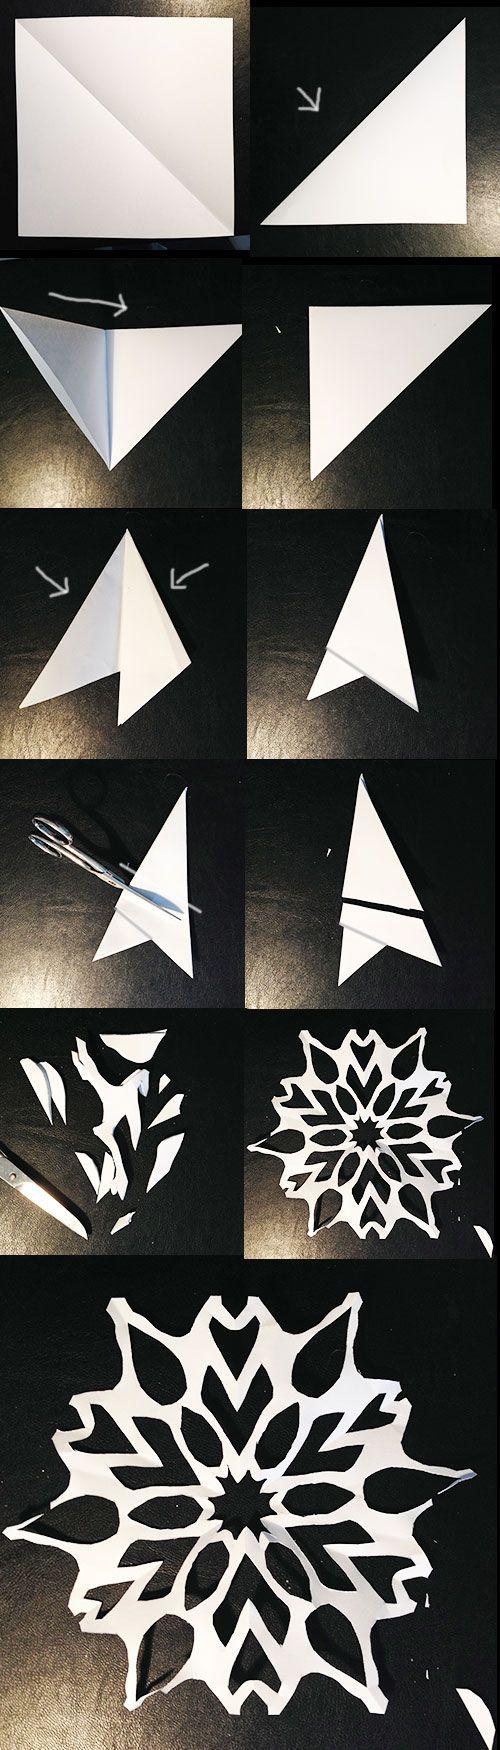 schneeflocken ballerina aus papier weihnachtszeit designblog papier basteln basteln. Black Bedroom Furniture Sets. Home Design Ideas